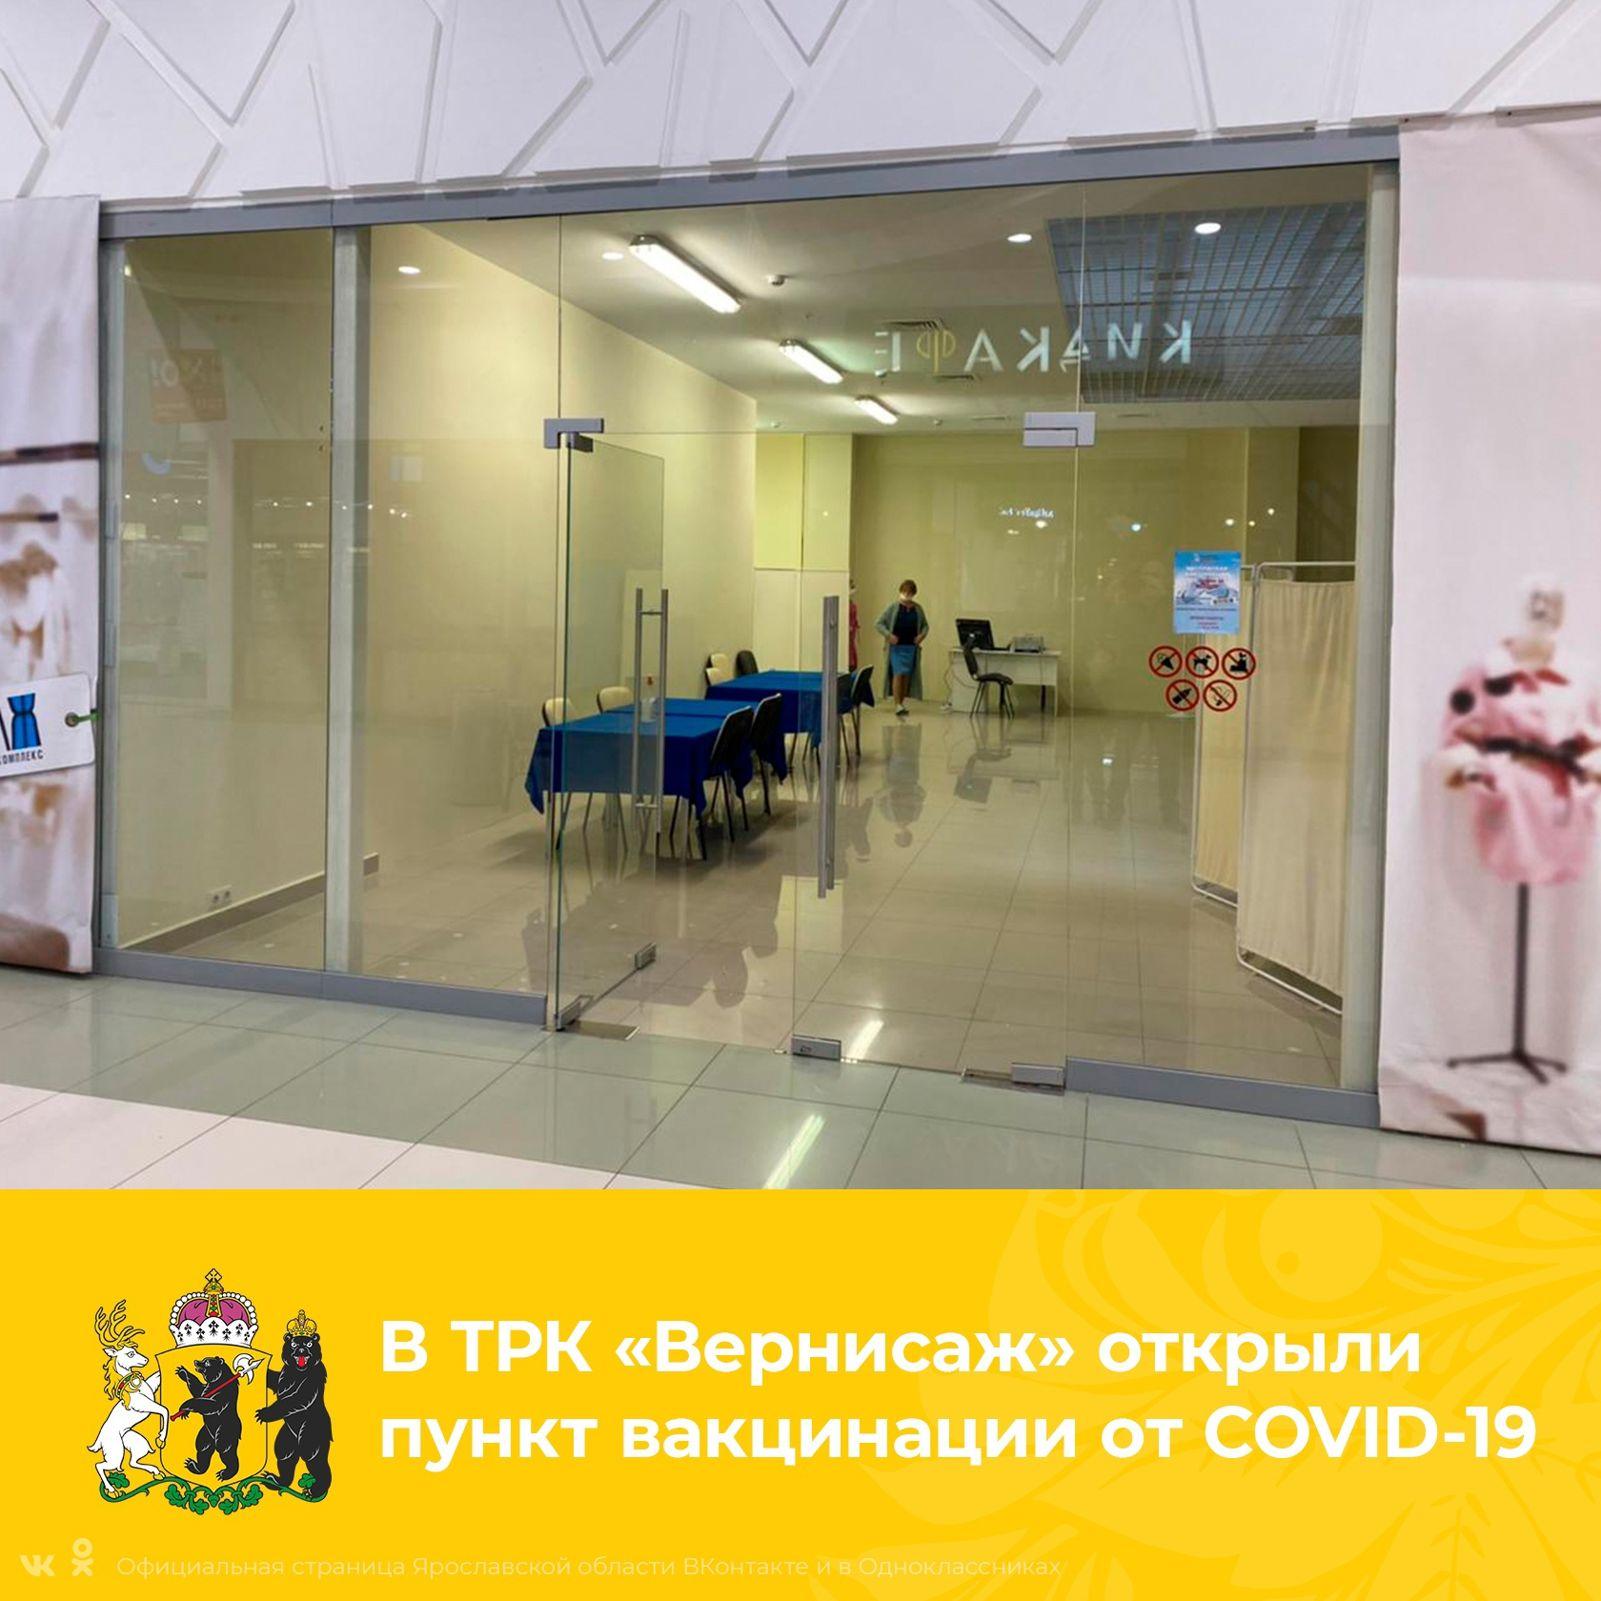 В Ярославле открылся еще один выездной пункт вакцинации в торговом центре